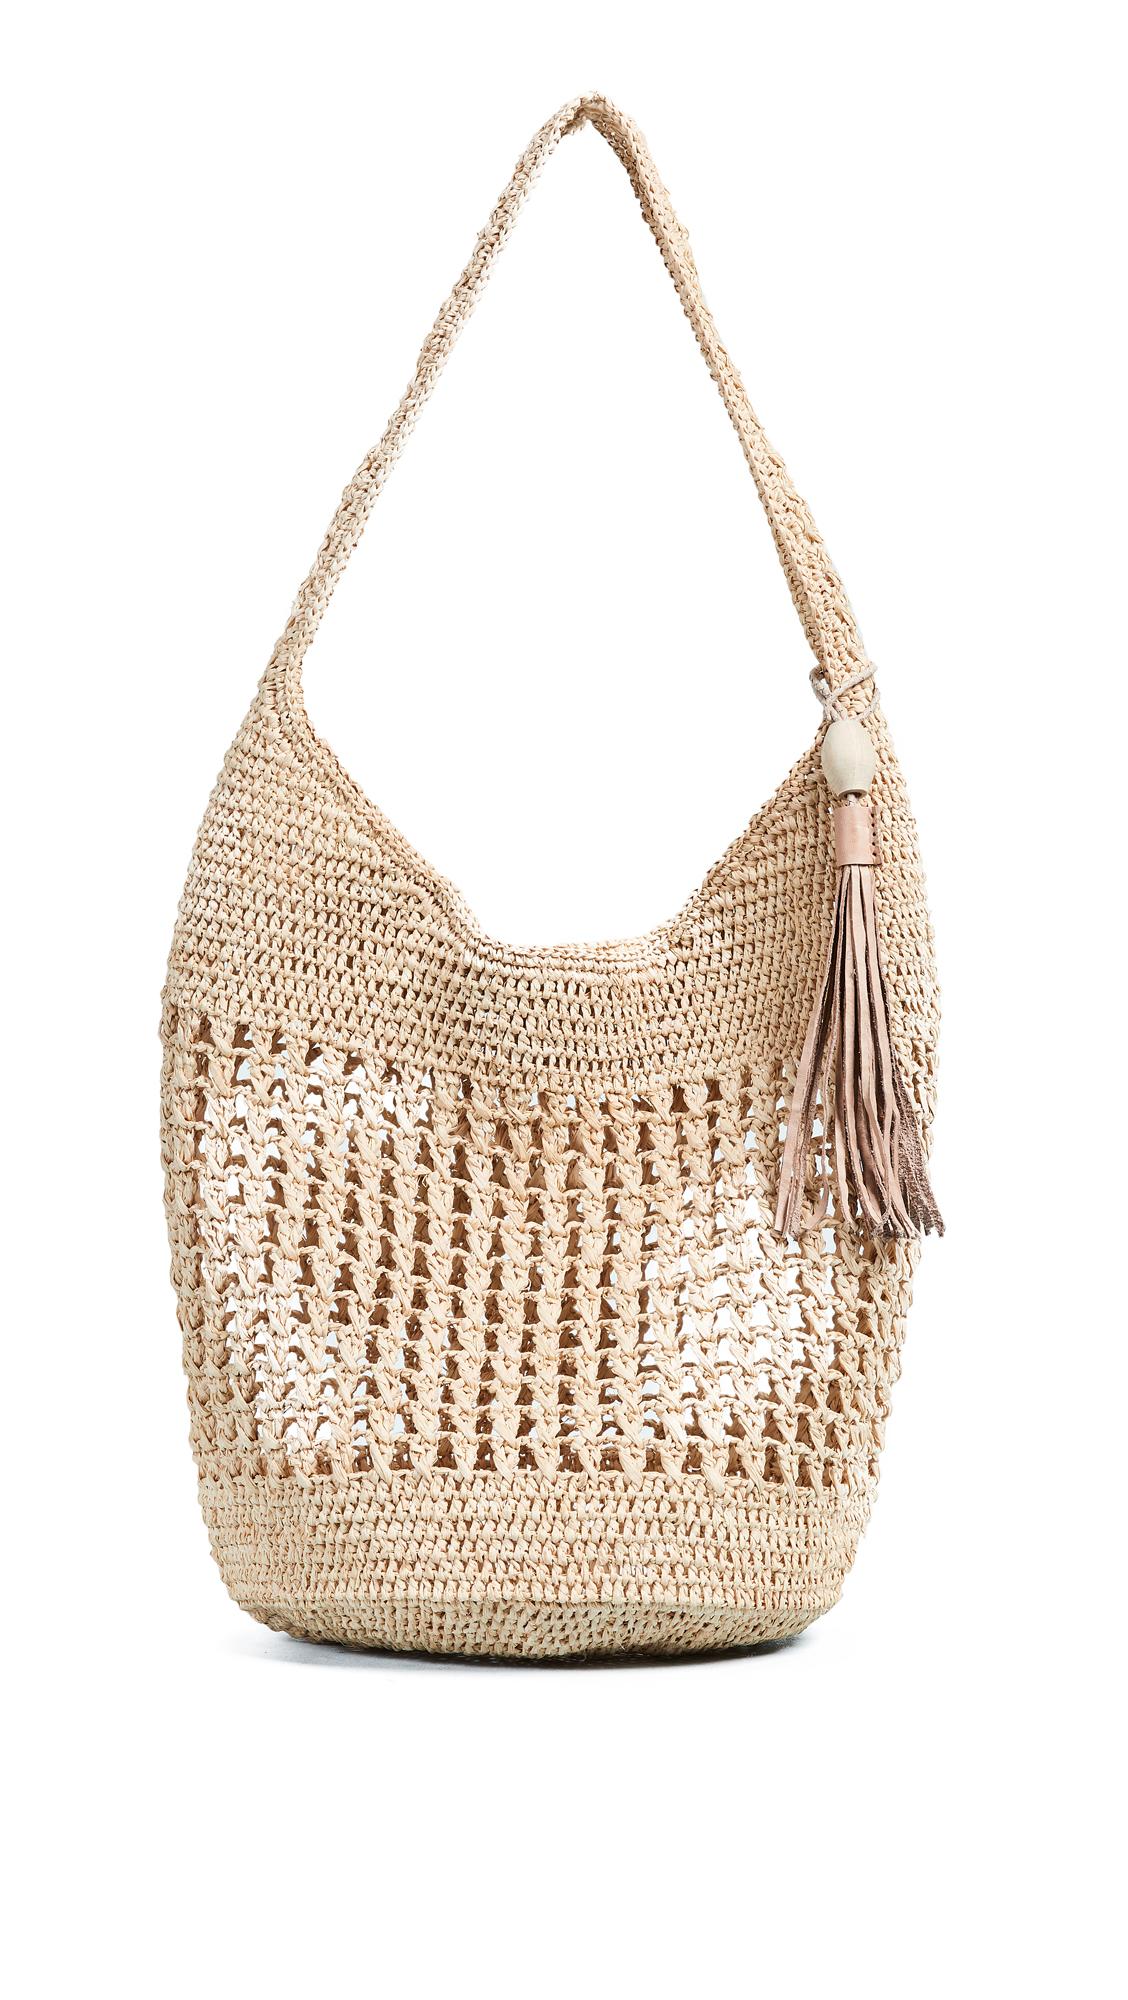 Aspen Shoulder Bag in Natural